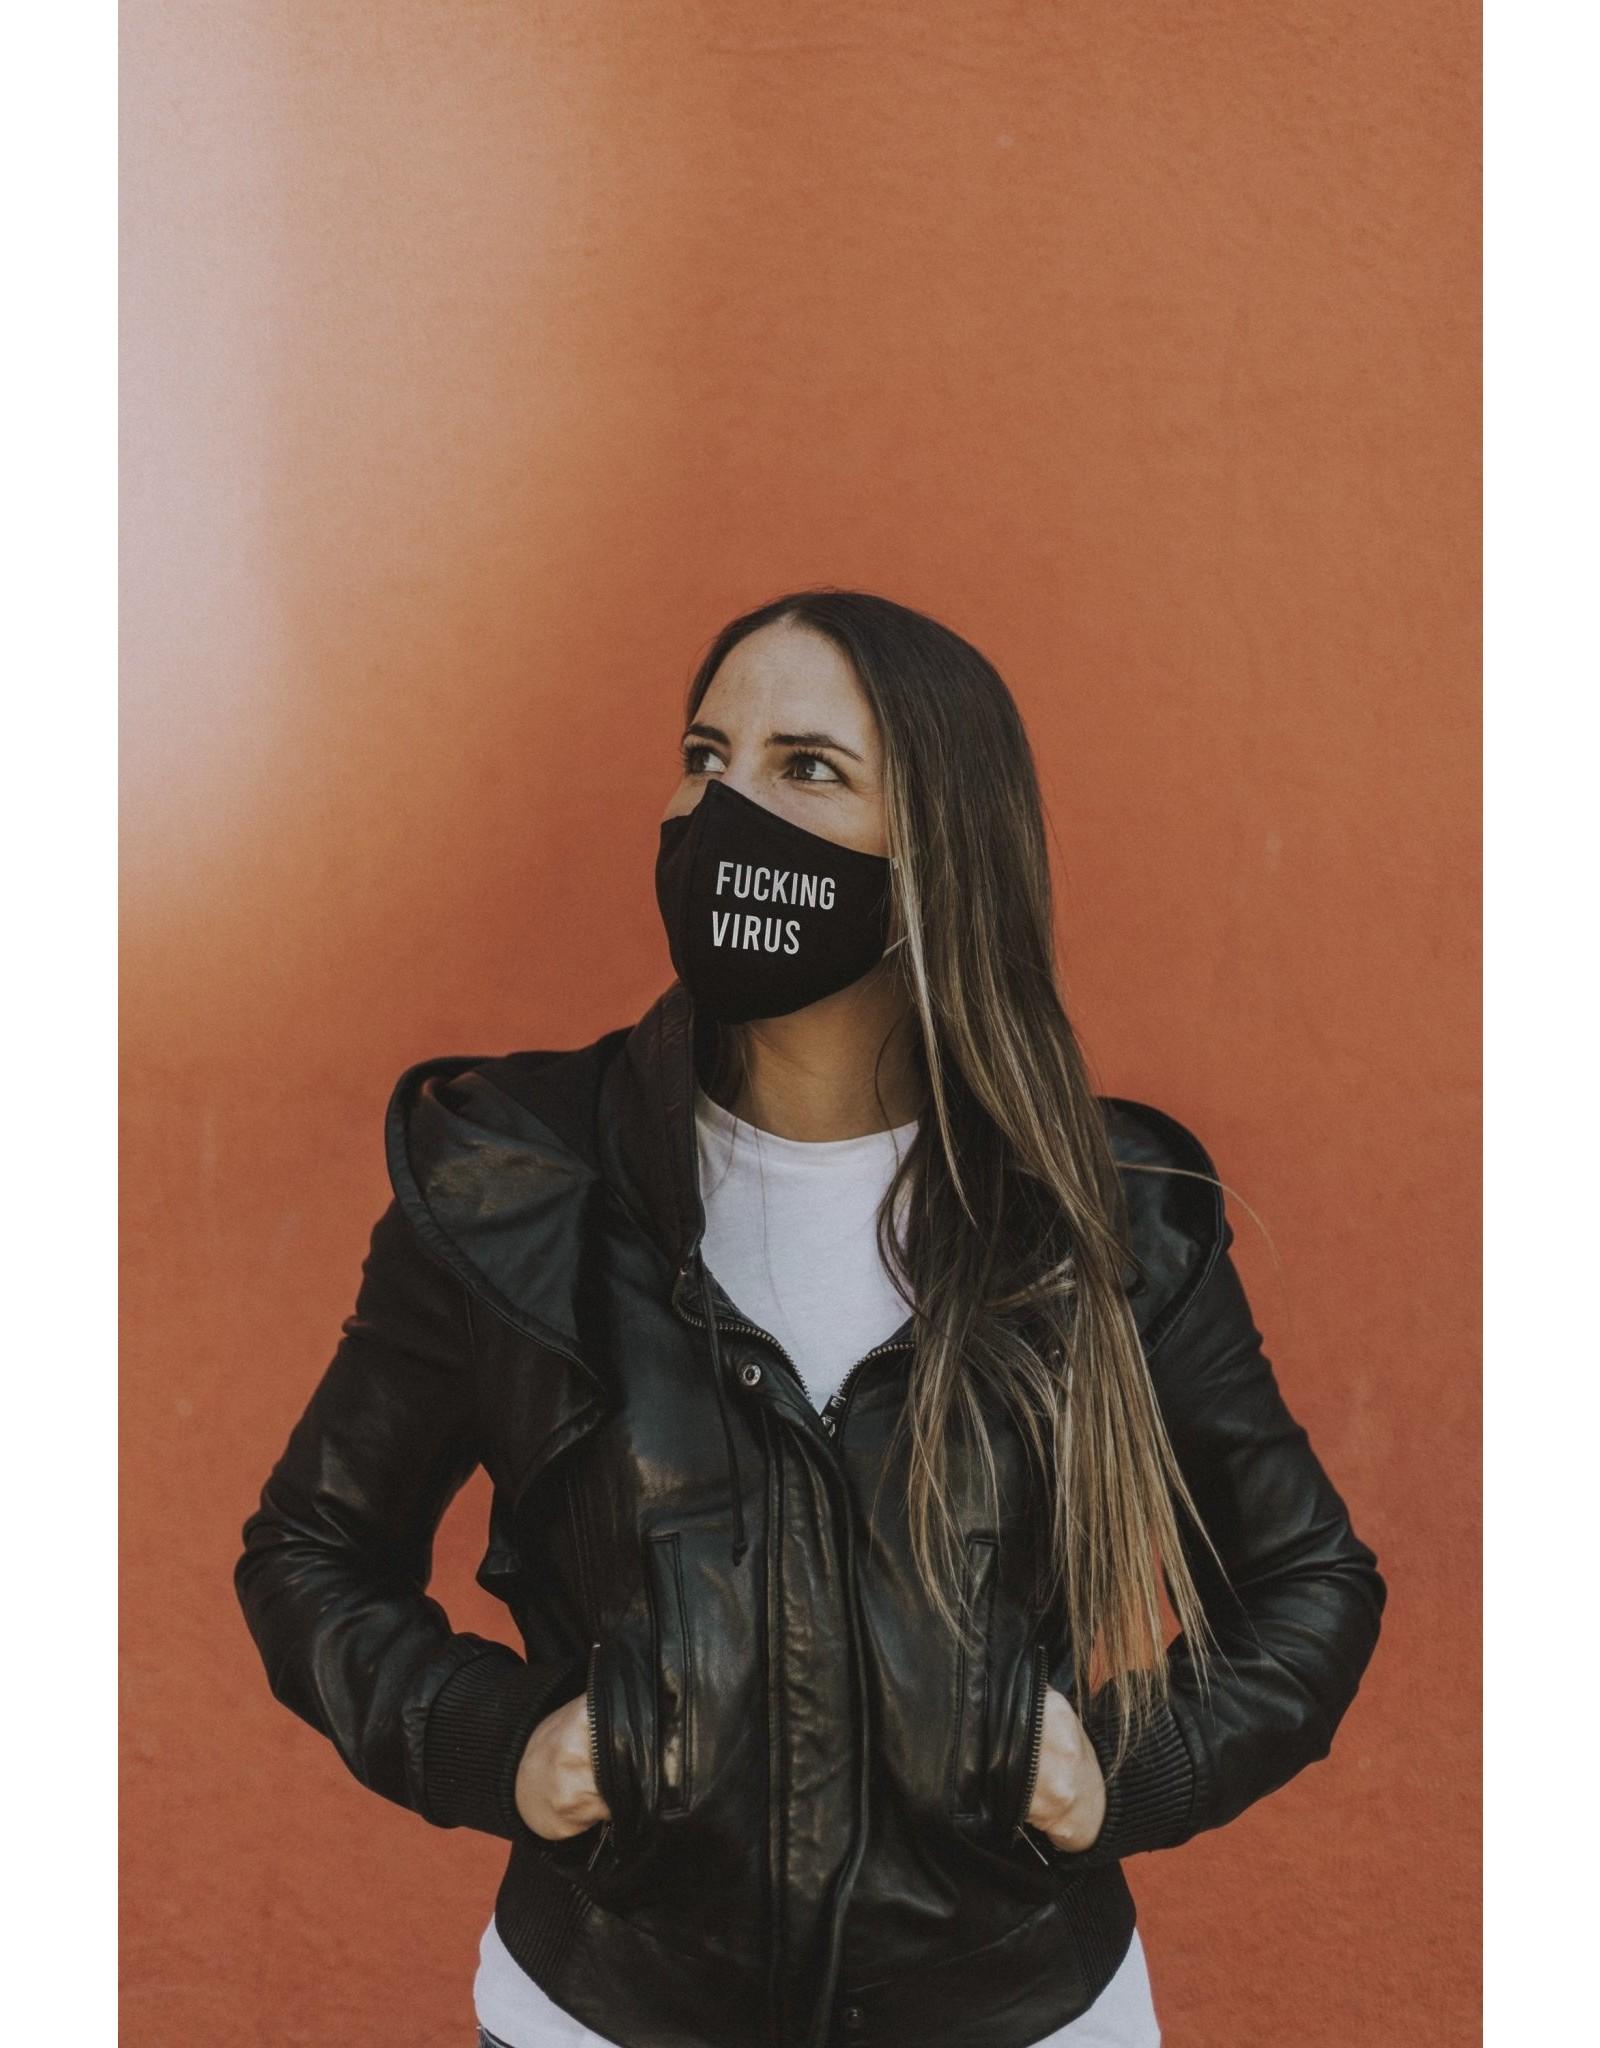 Fisura Mondmasker - Fucking Virus